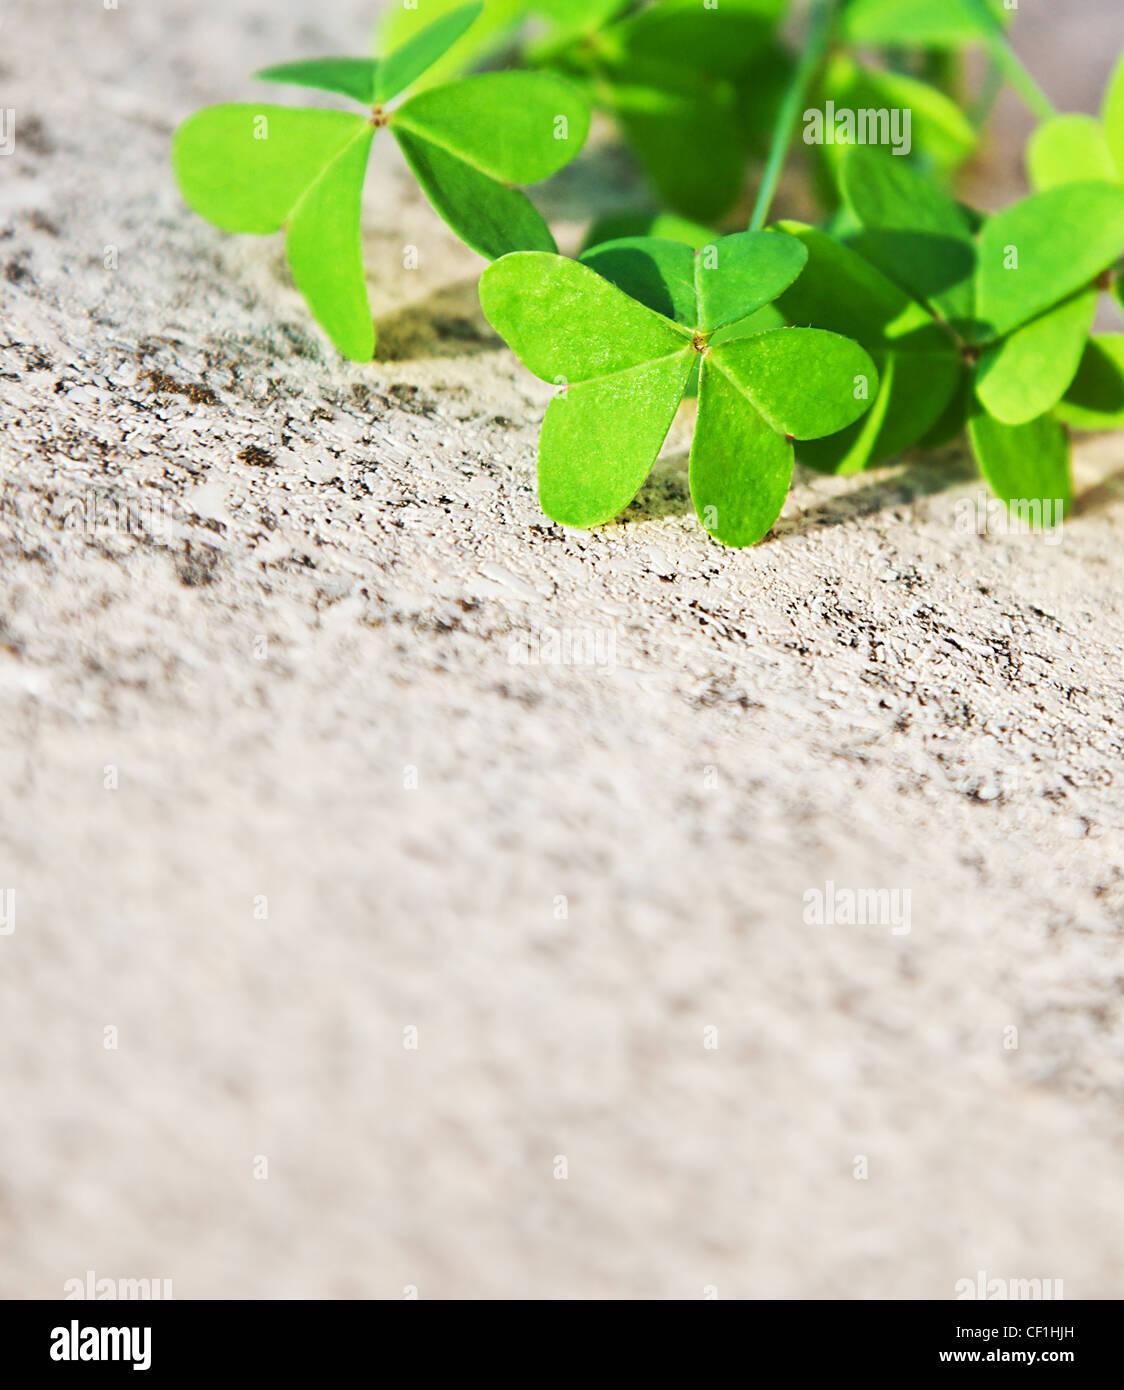 Fresche foglie di trifoglio su pietra, molla verde bordo floreale, Lucky shamrock, St.Patrick's Day holiday Immagini Stock